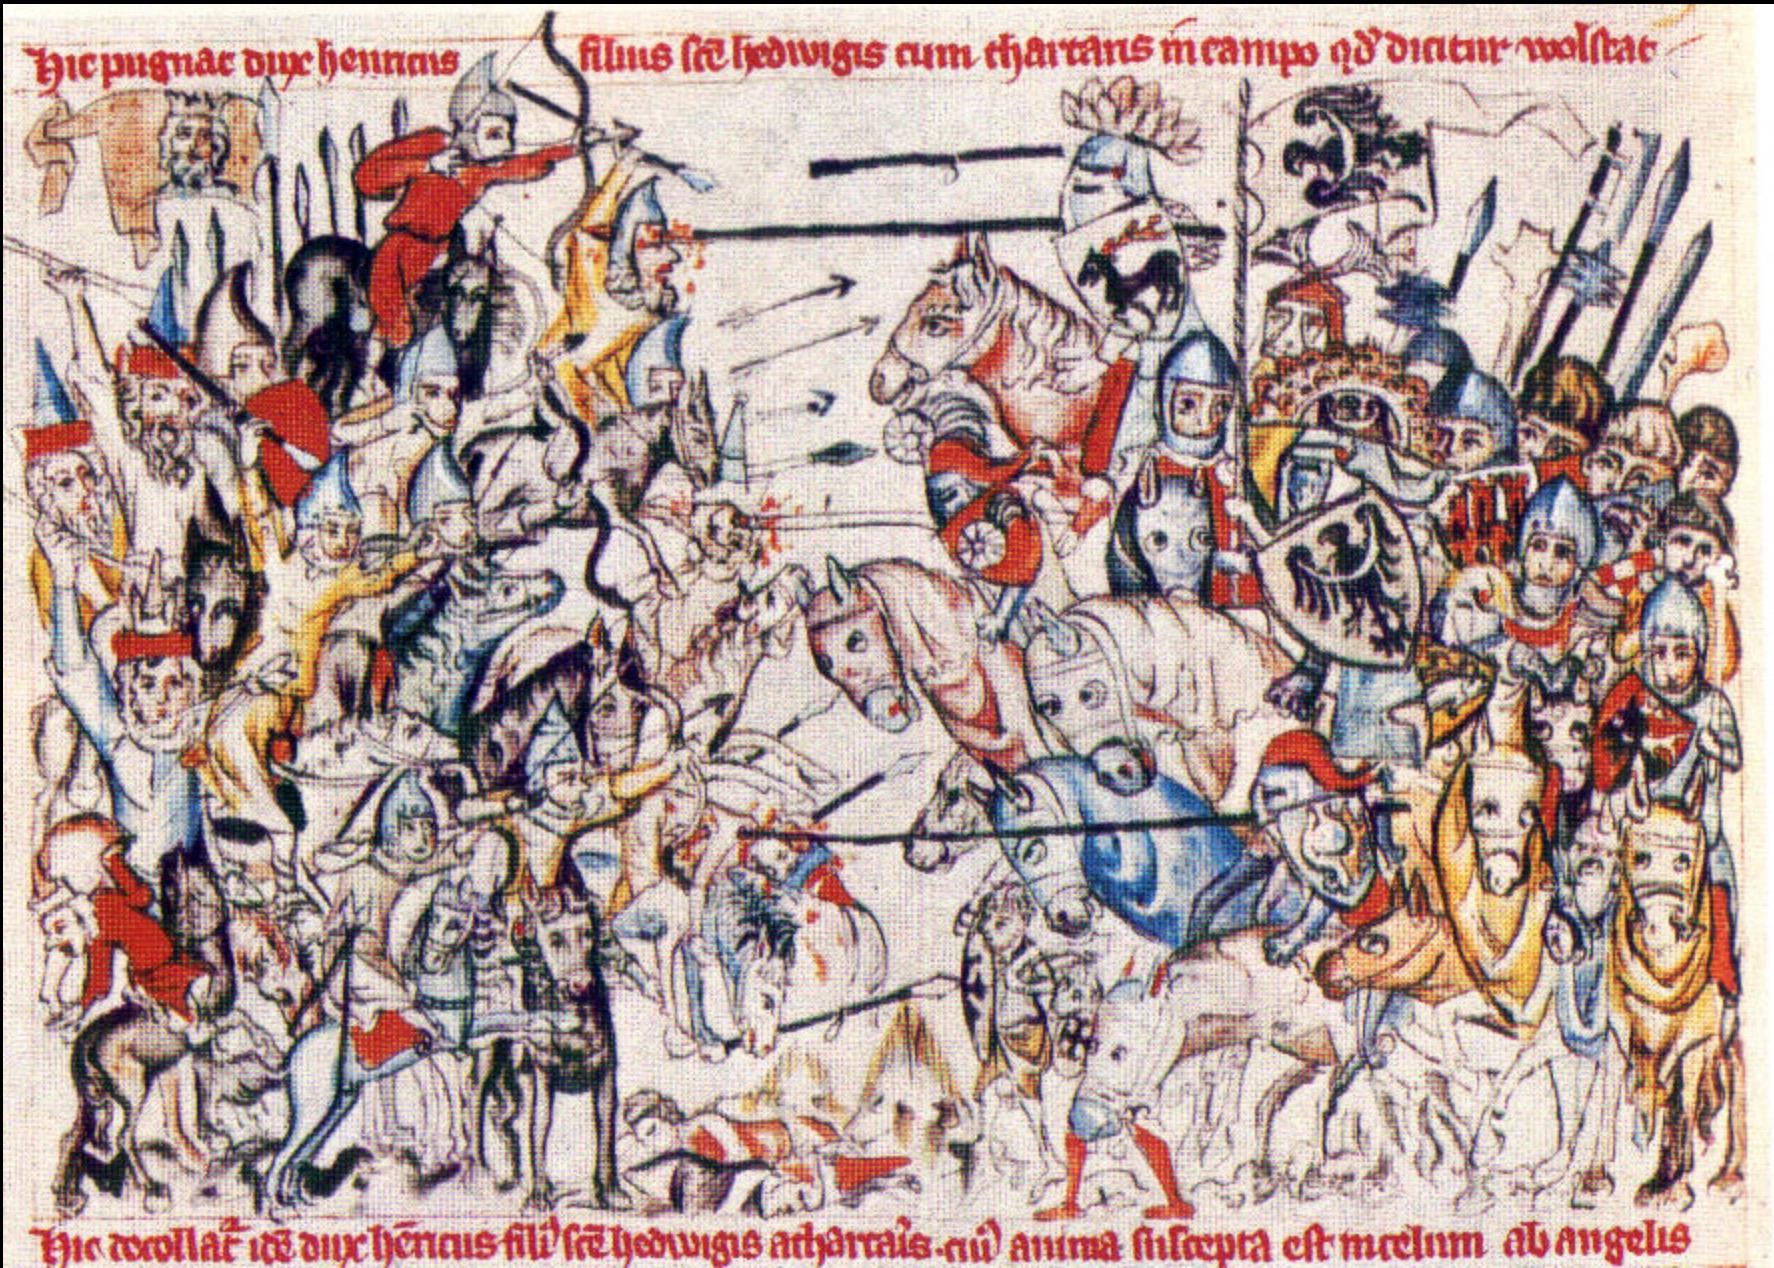 La battaglia di Leignitz in una miniatura d'epoca